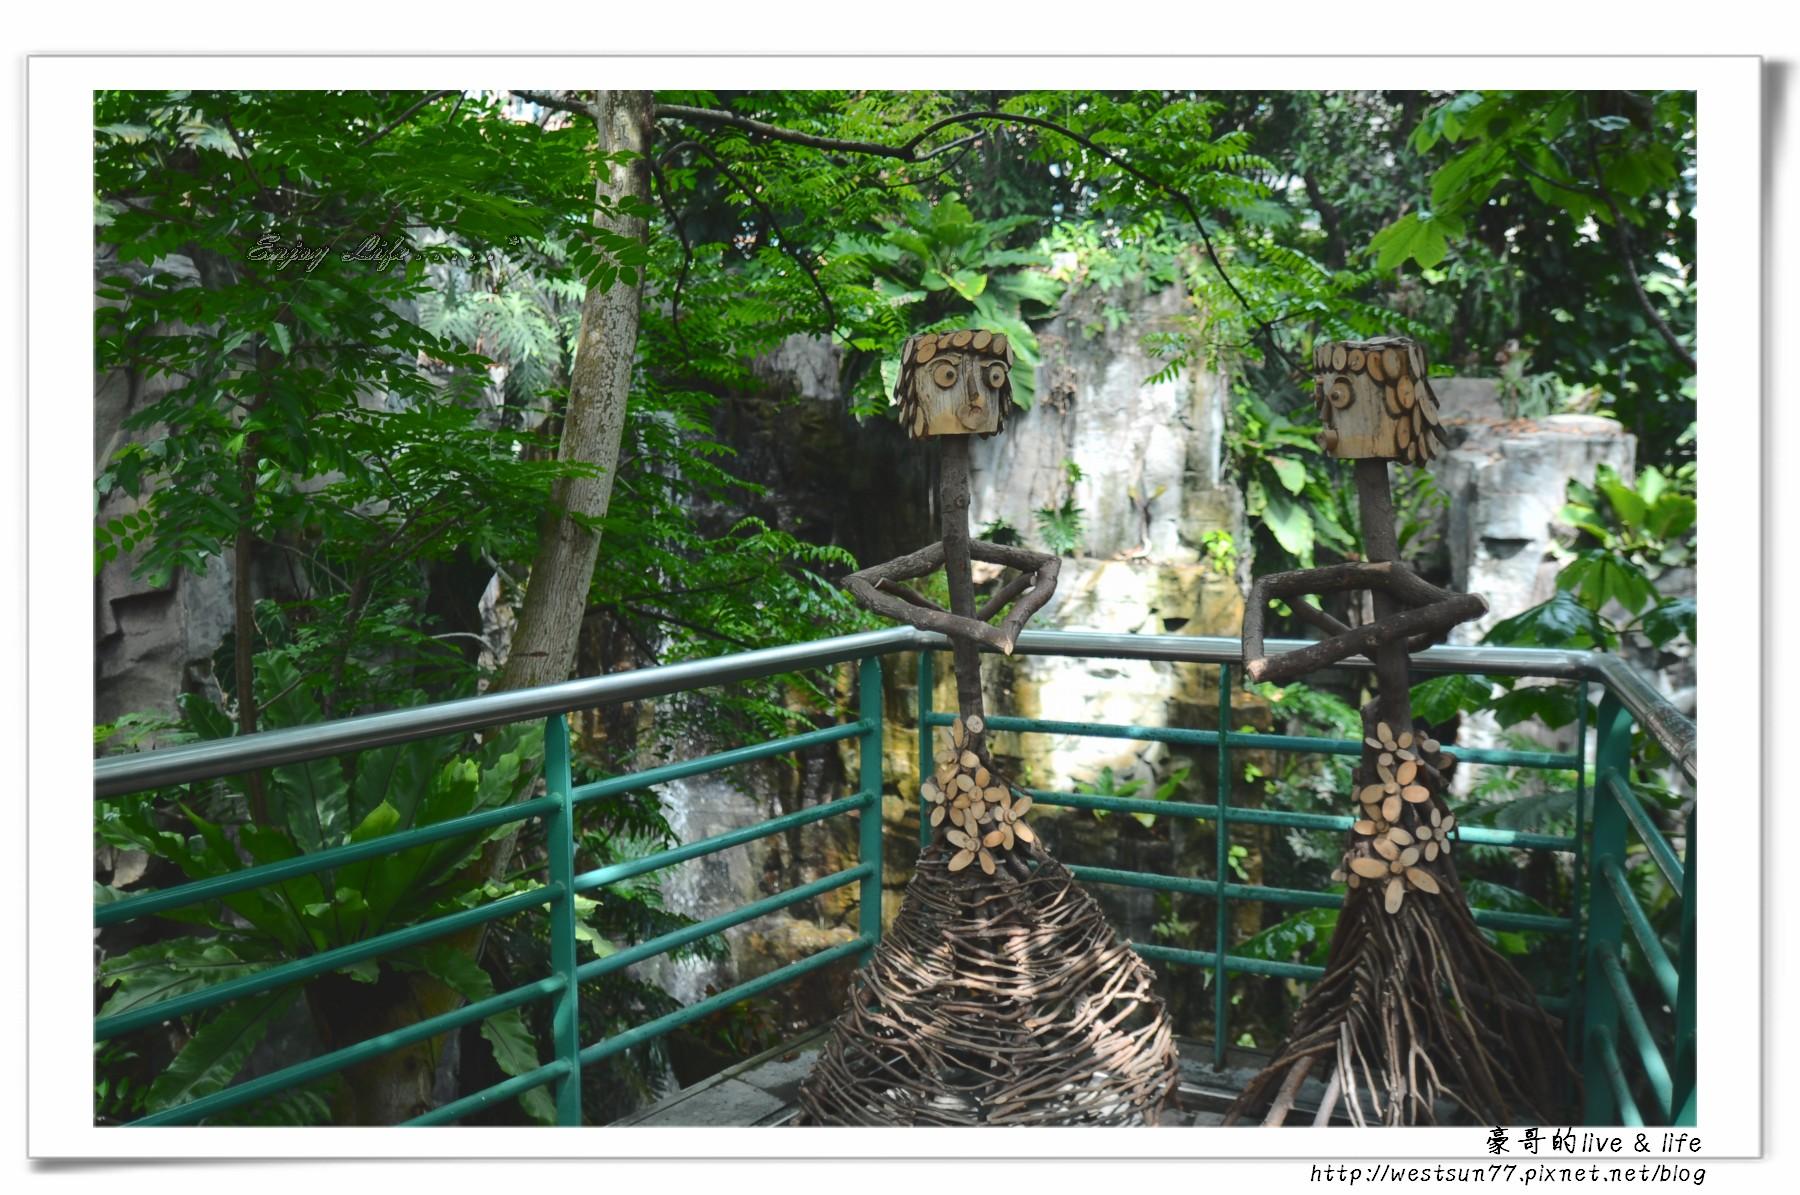 科博館熱帶植物園11.jpg